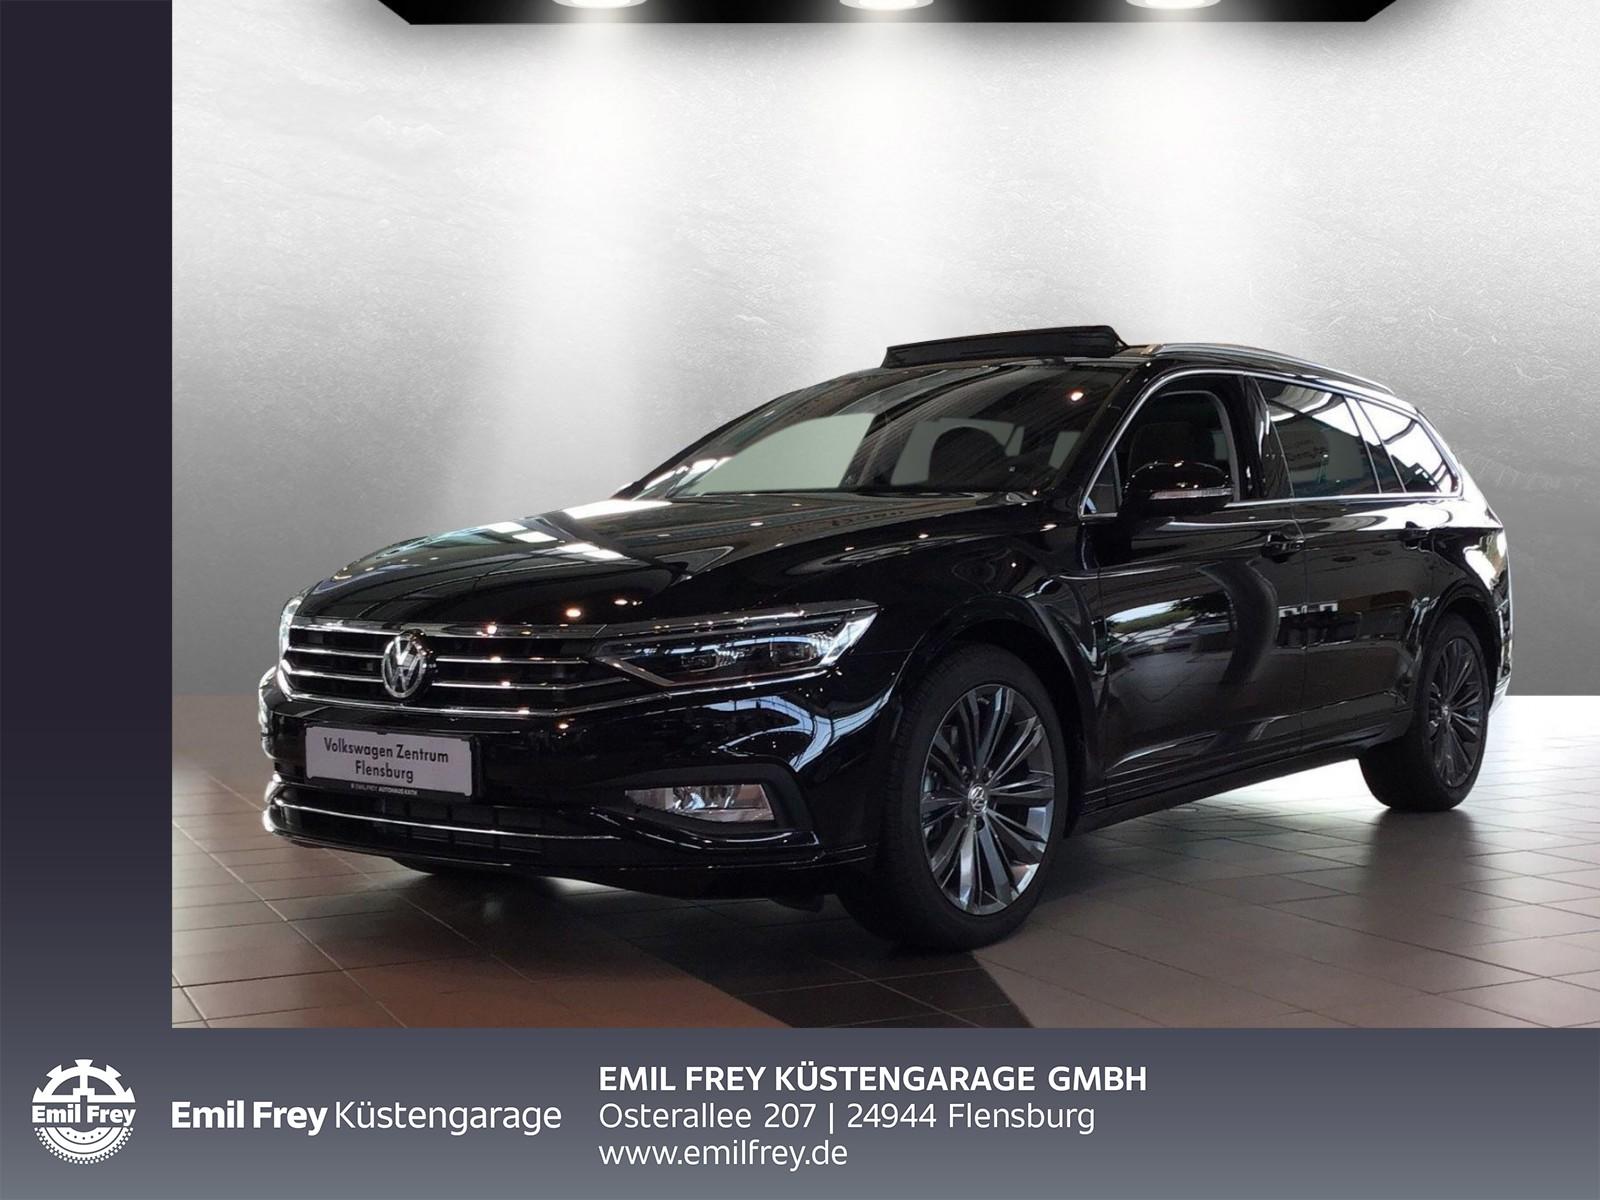 volkswagen passat variant business 2,0 l tdi dsg leder panoramadach 18 premiumpaket, jahr 2020, diesel